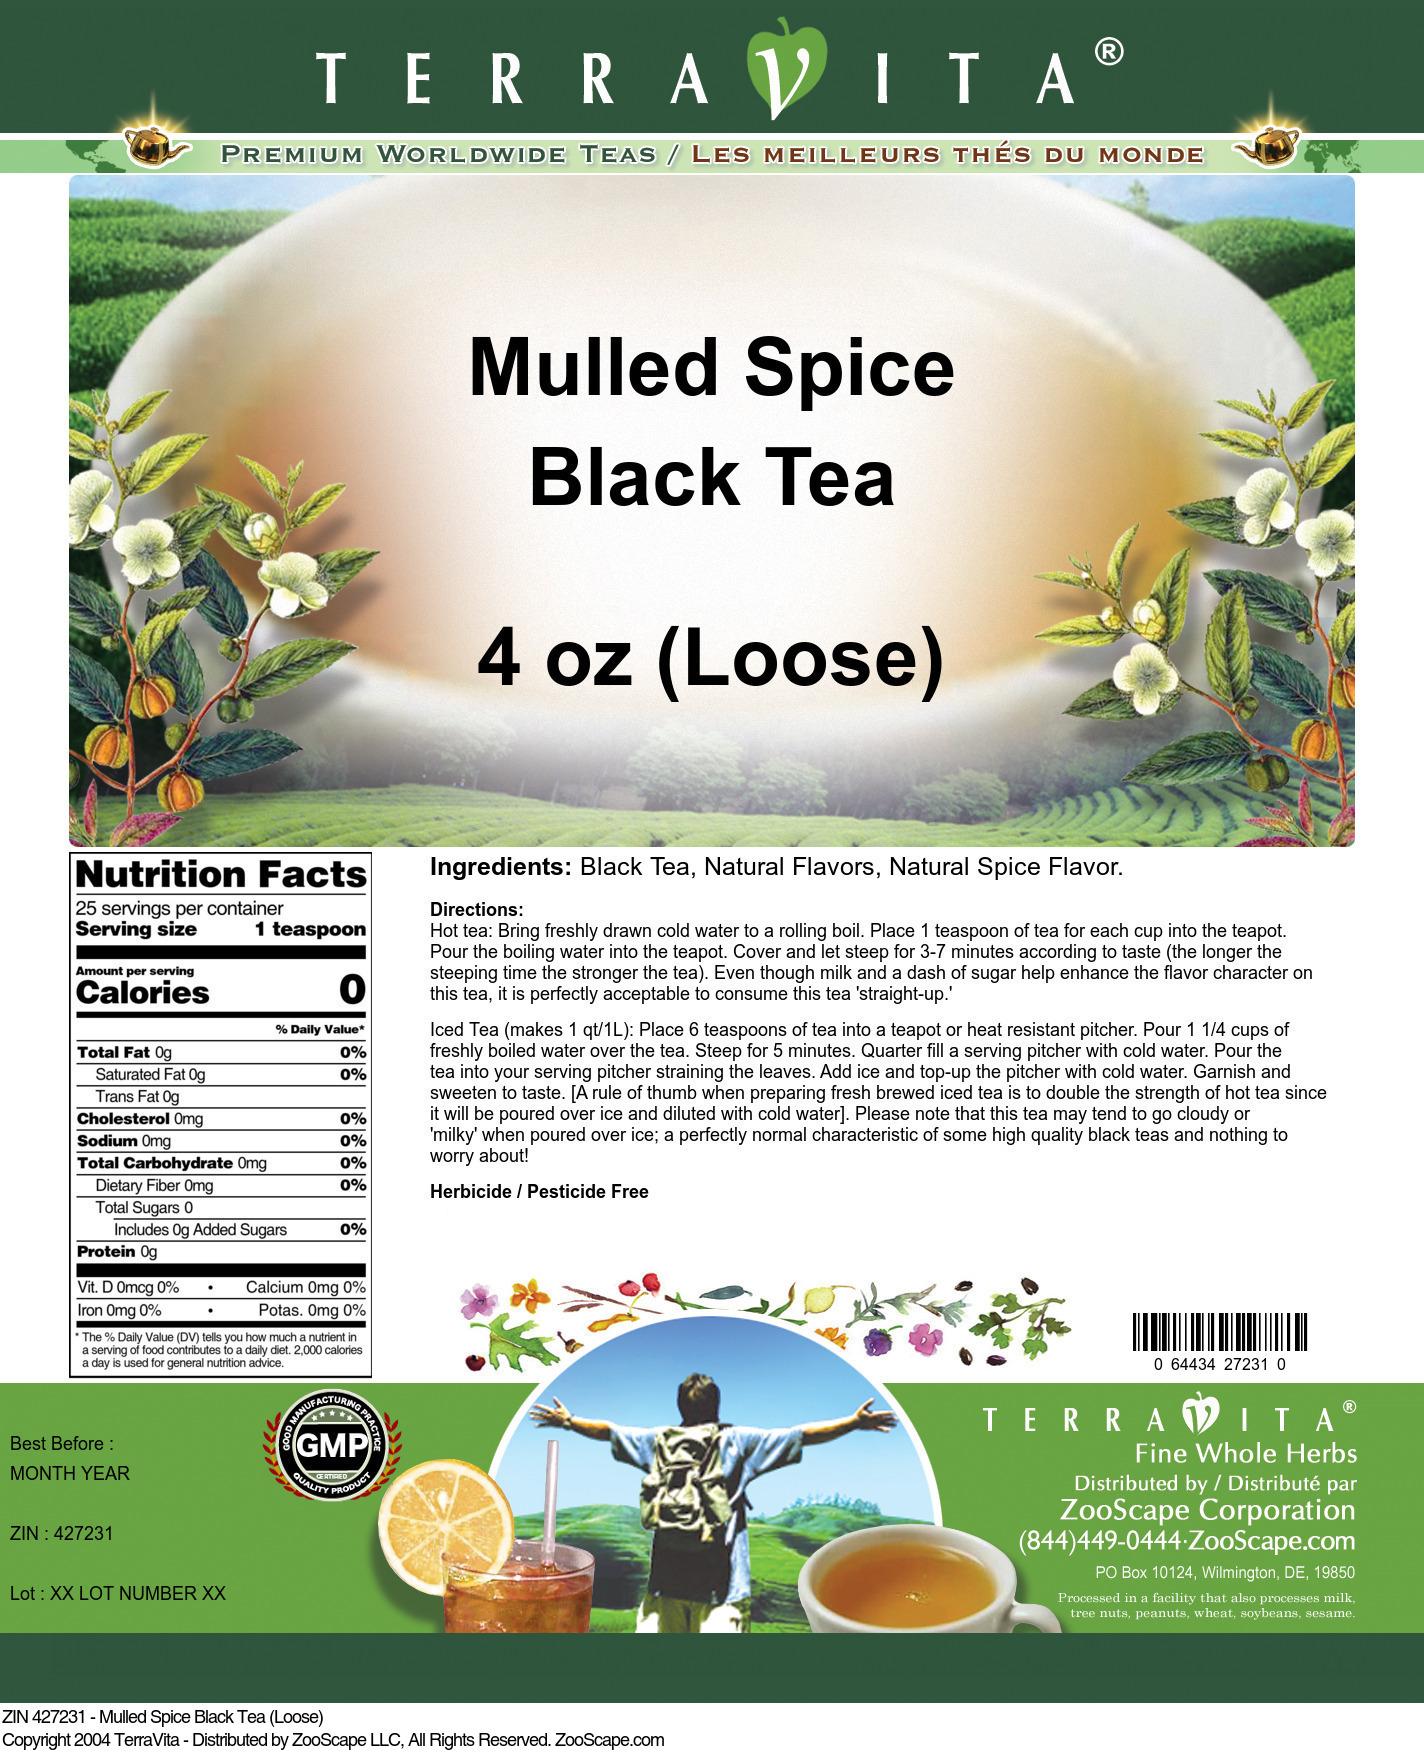 Mulled Spice Black Tea (Loose)